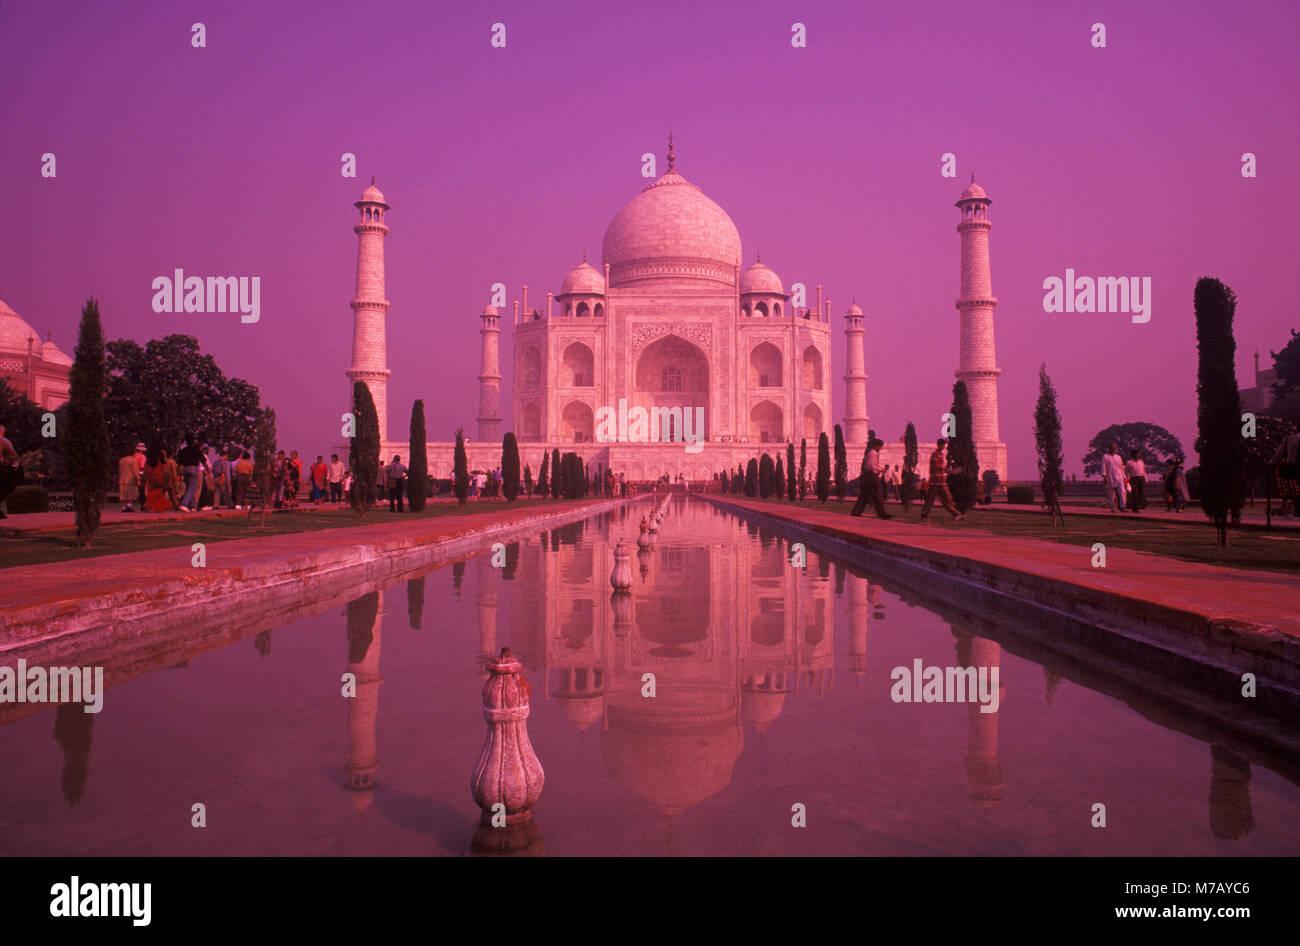 Fachada de un monumento, Taj Mahal, Agra, Uttar Pradesh, India Imagen De Stock